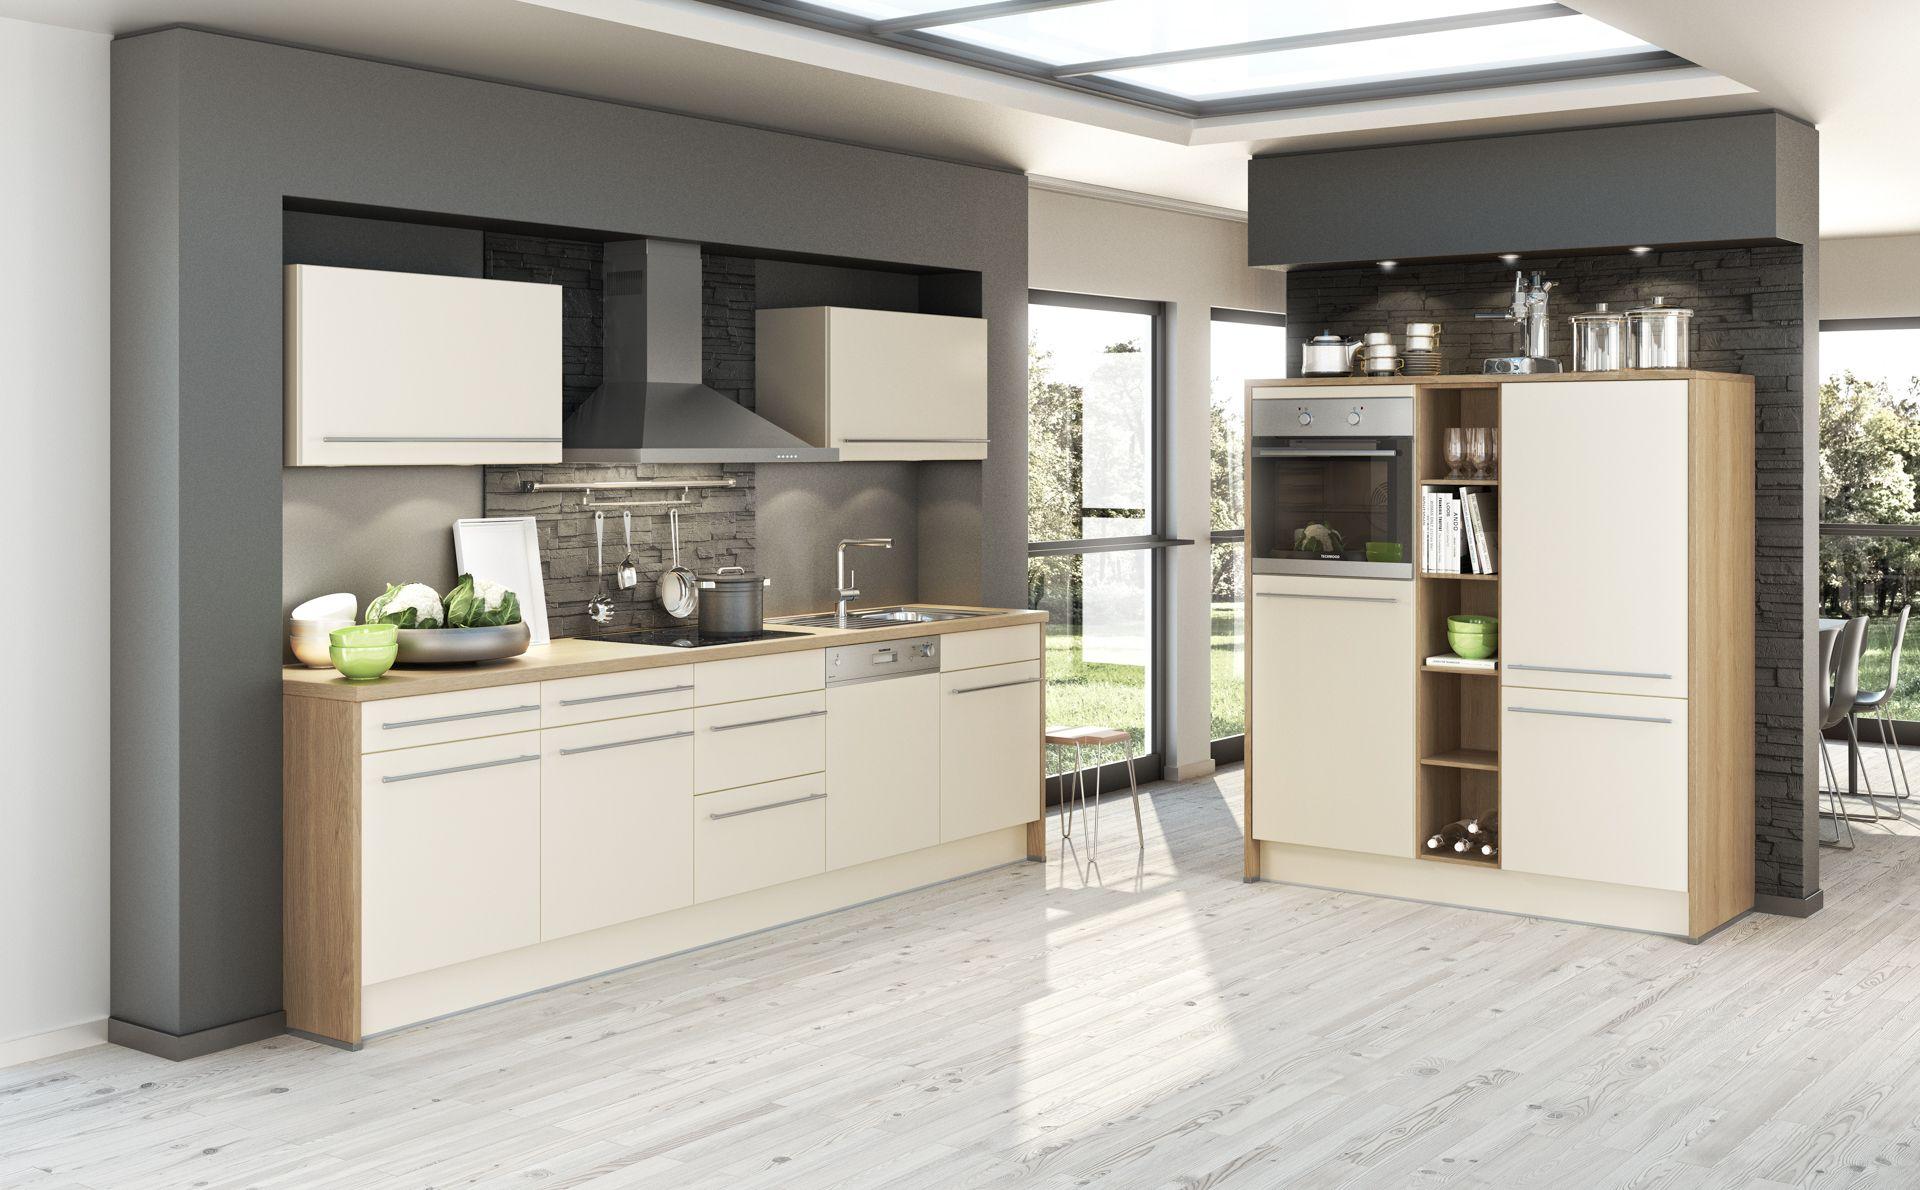 k che schubladen nachr sten fantastisch die vorstellung nach kleiderschrank schubladen. Black Bedroom Furniture Sets. Home Design Ideas